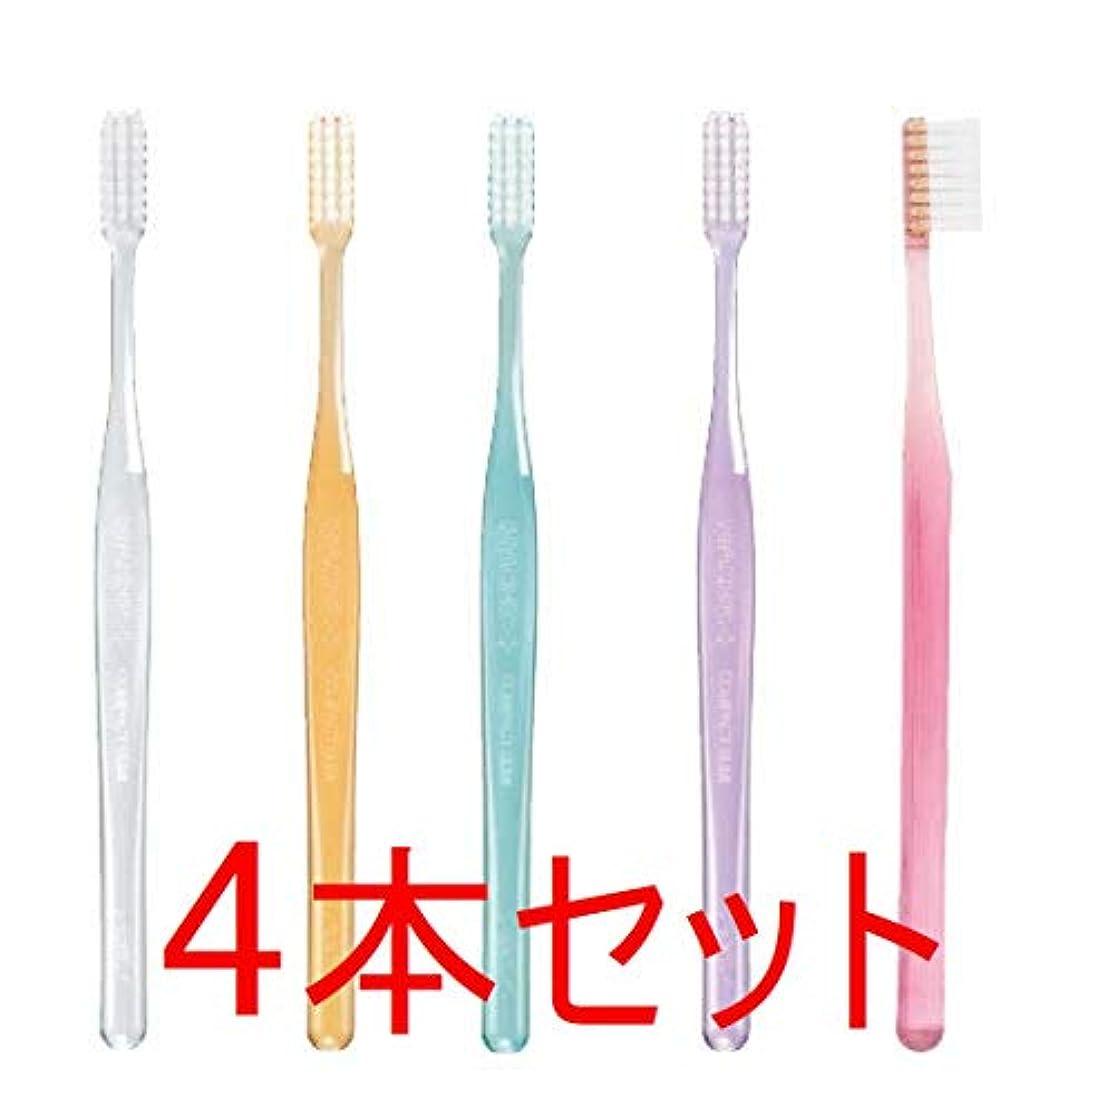 刺激する沿って争うGC プロスペック 歯ブラシ プラス コンパクトスリム 4本 クリアー色 (M(ふつう), おまかせ)